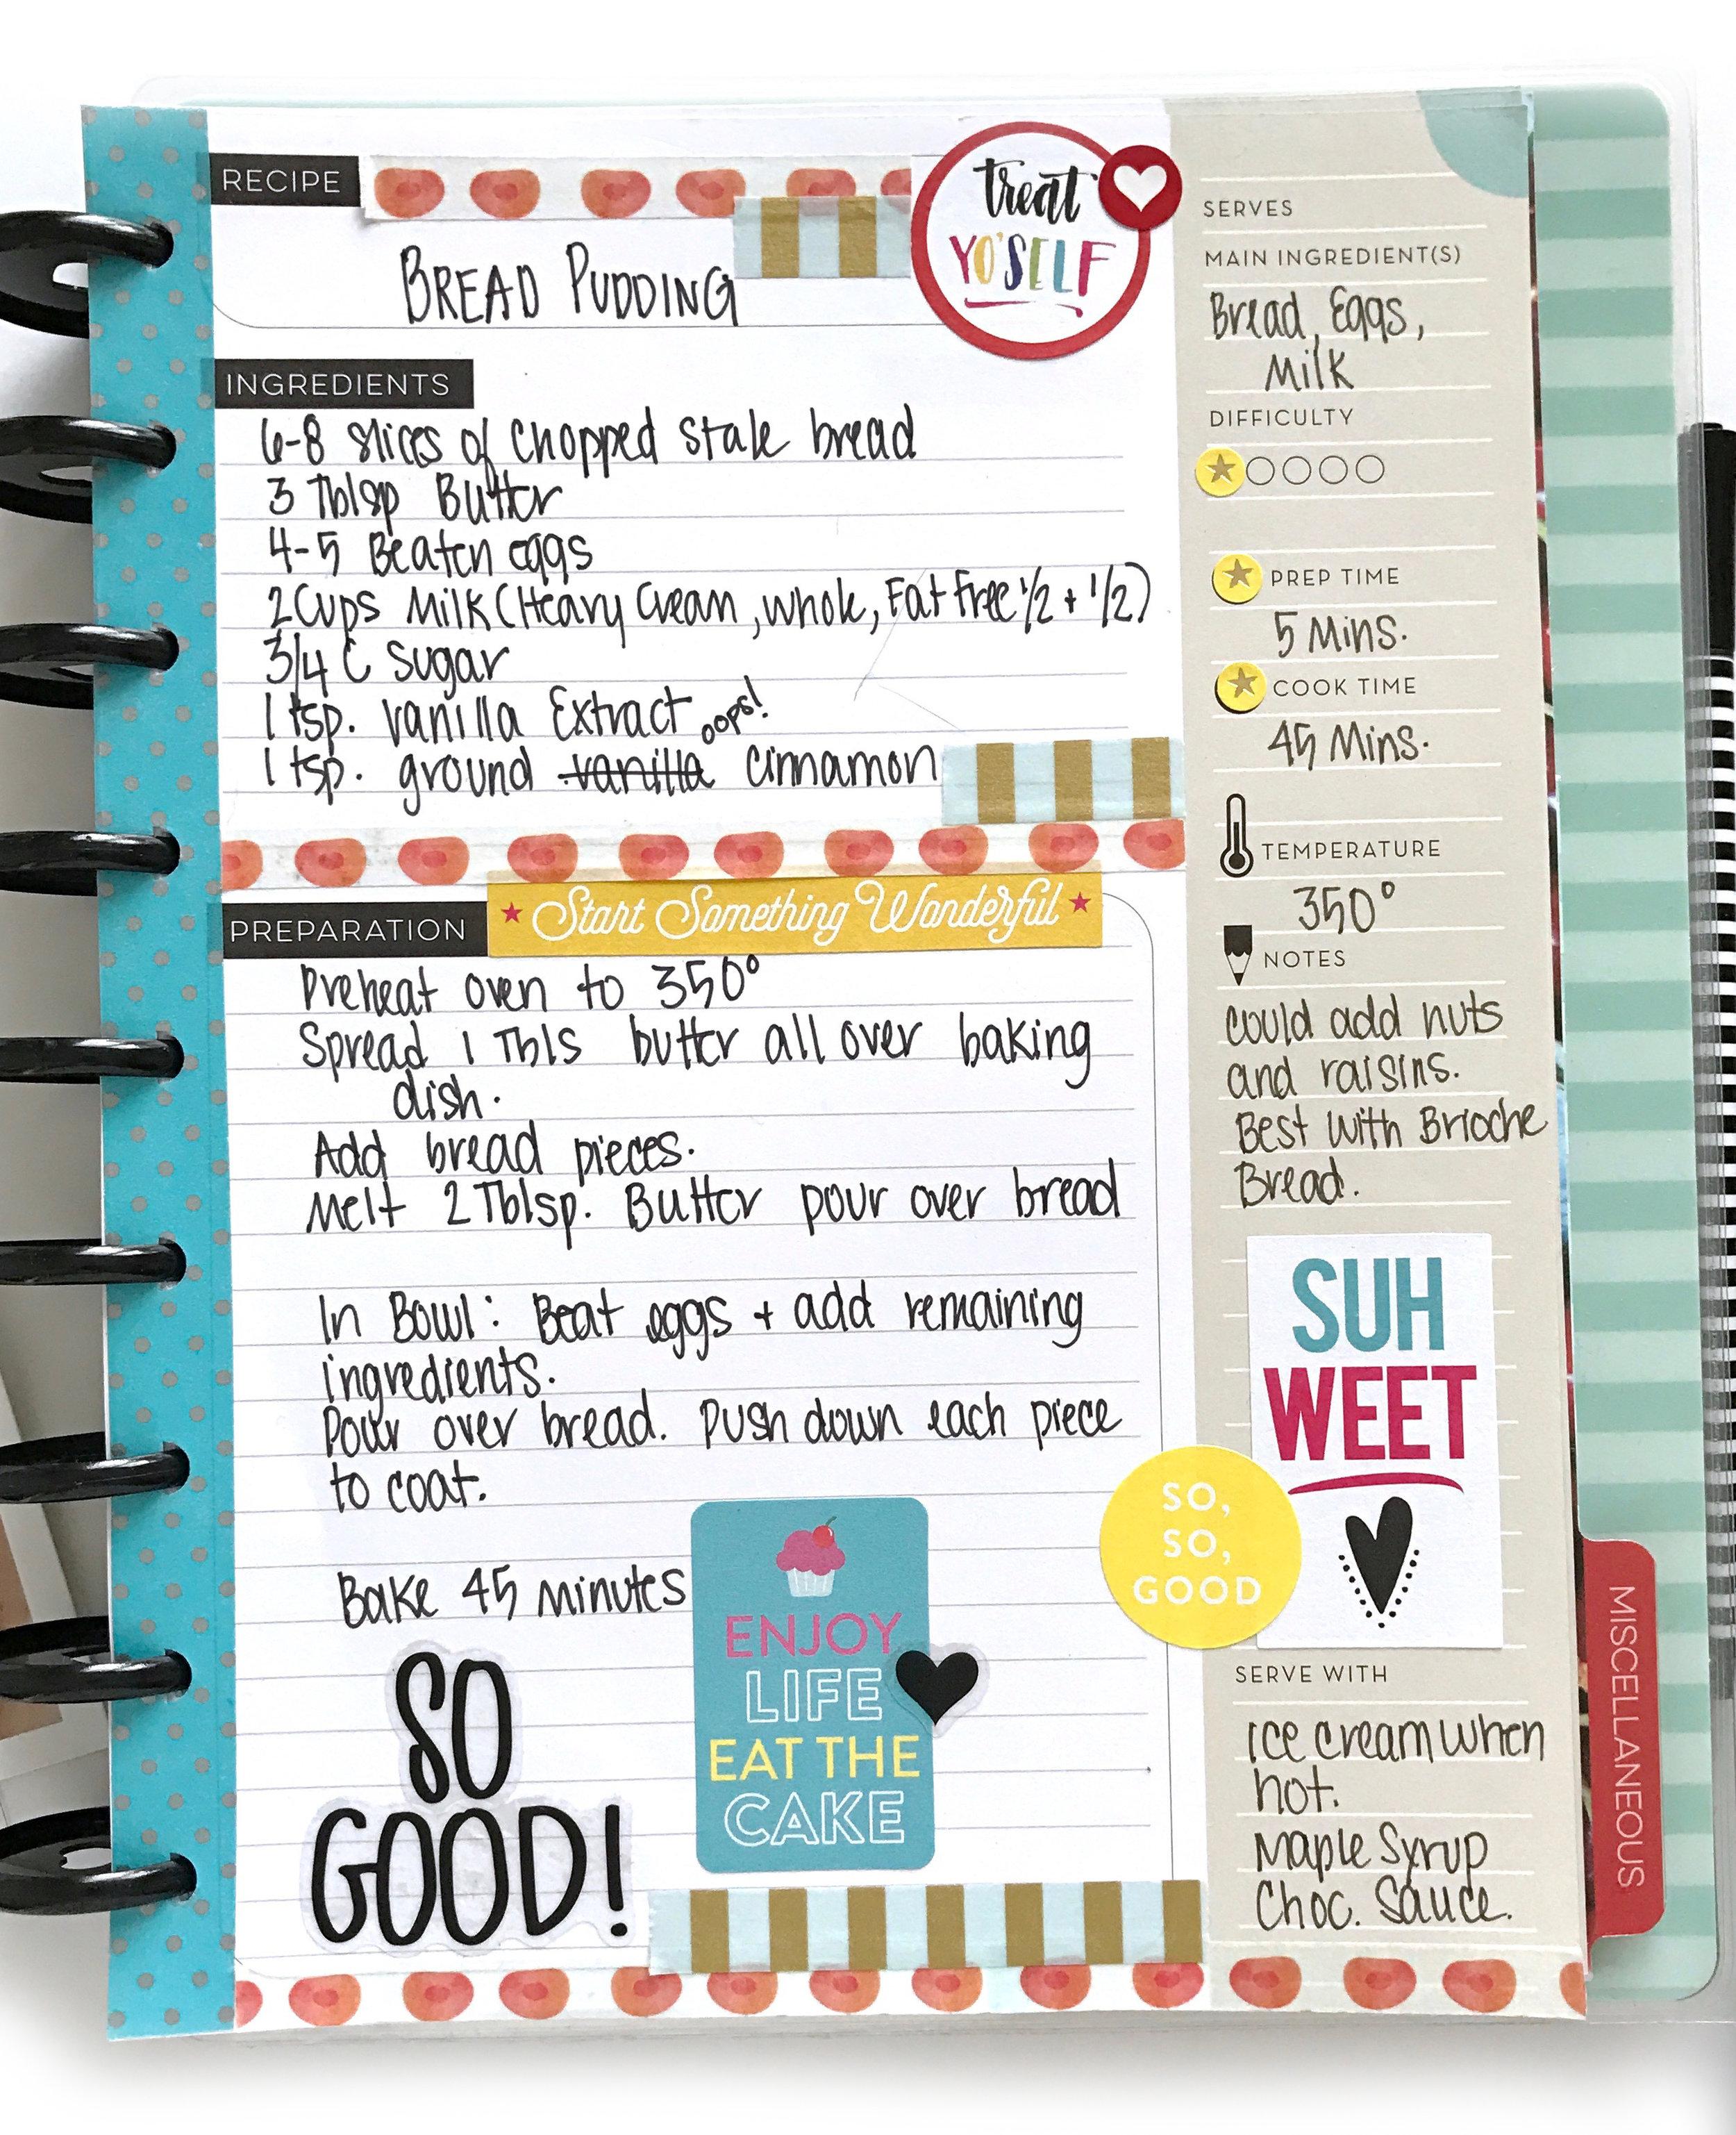 Bread Pudding in The Happy Planner® Recipe Organizer by mambi Design Team member Mary-Ann Maldonado   me & my BIG ideas